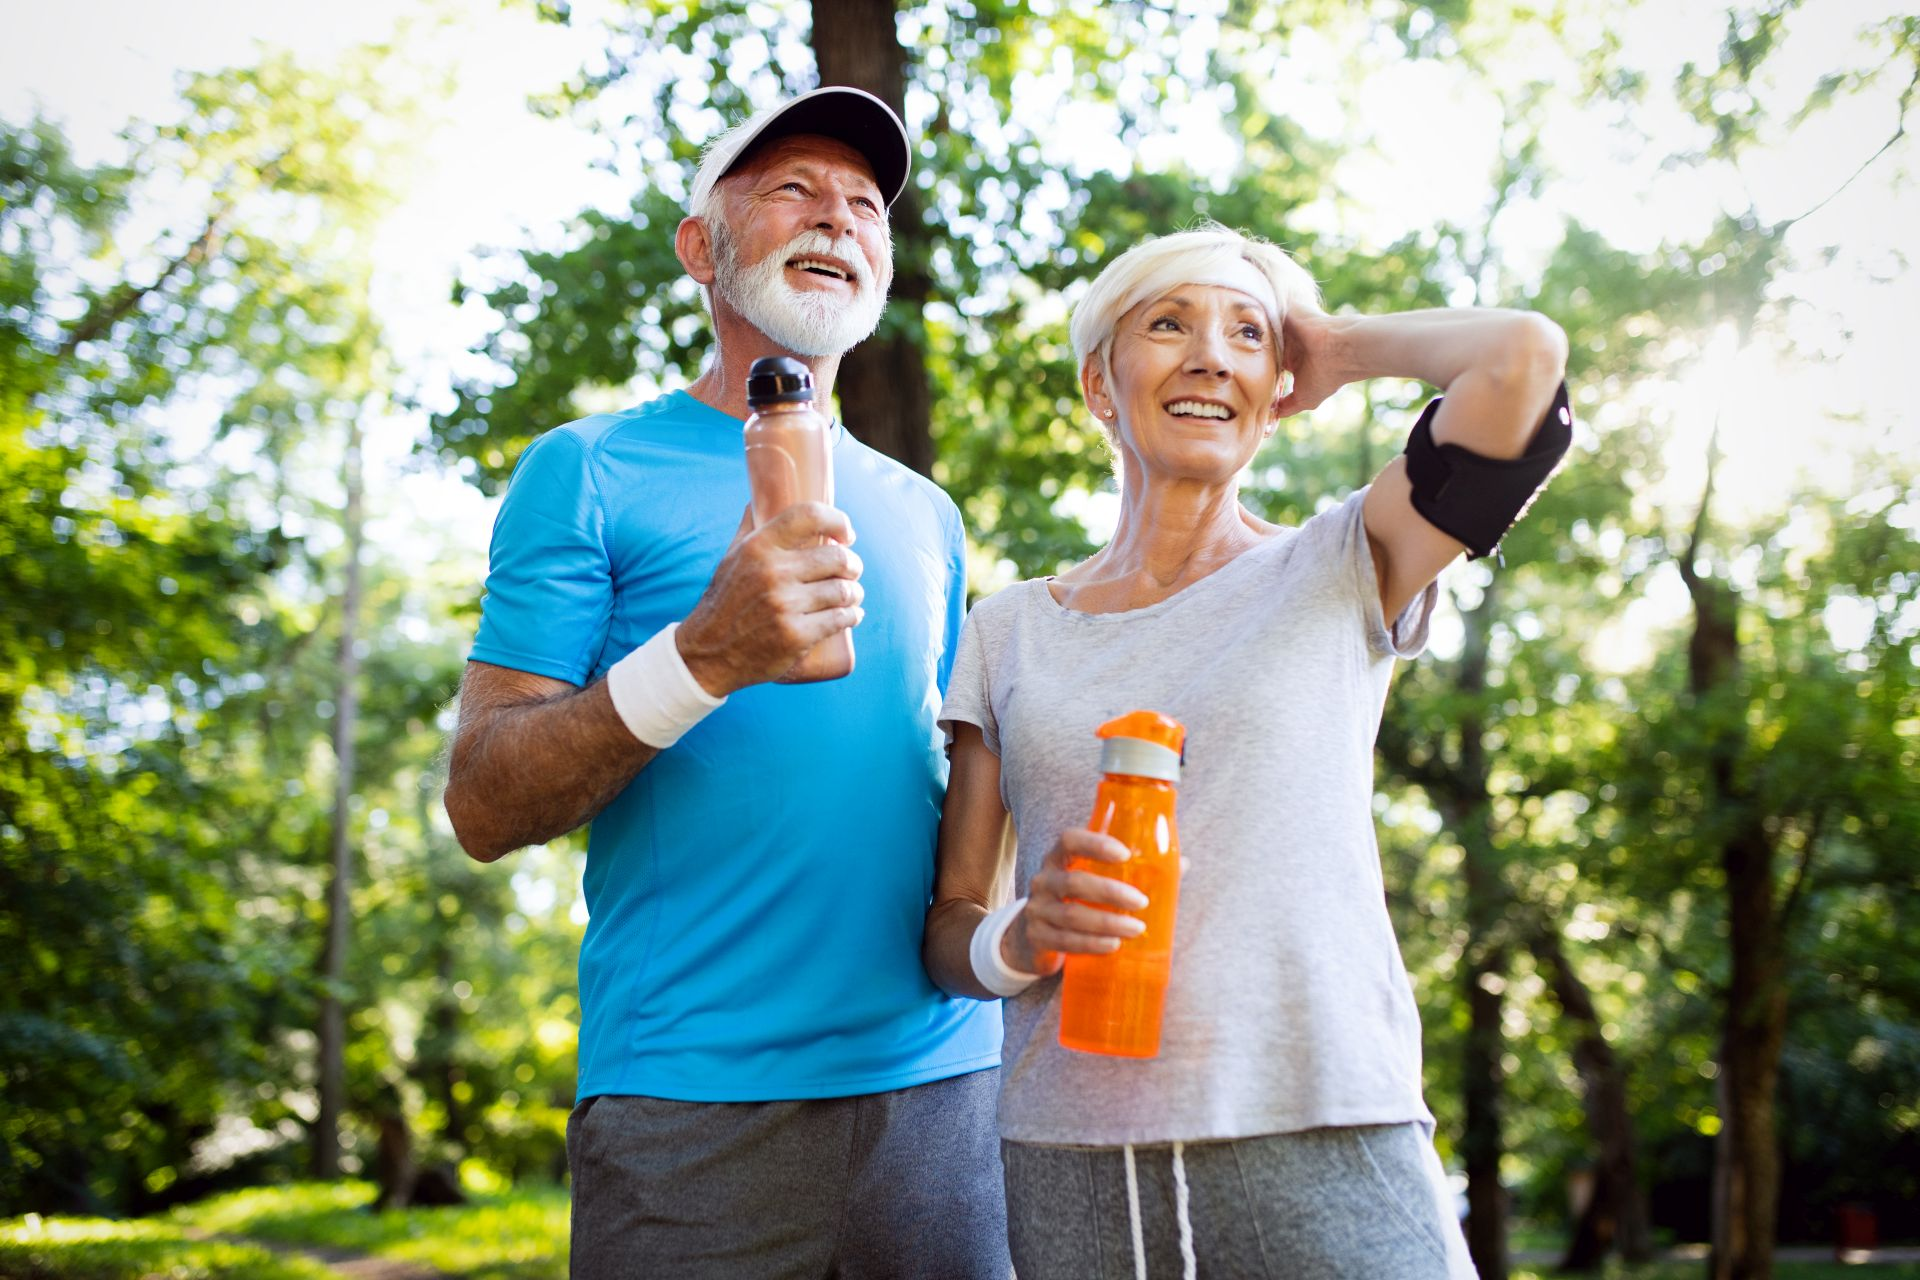 Chcesz pozostać w formie przez całe życie? Kluczem do zdrowego stylu życia jest umiarkowana aktywność fizyczna i dieta osób starszych oparta na pełnowartościowych składnikach - masz podwyższony cholesterol? Wprowadź do diety sterole roślinne i potas, który obniża ciśnienie.